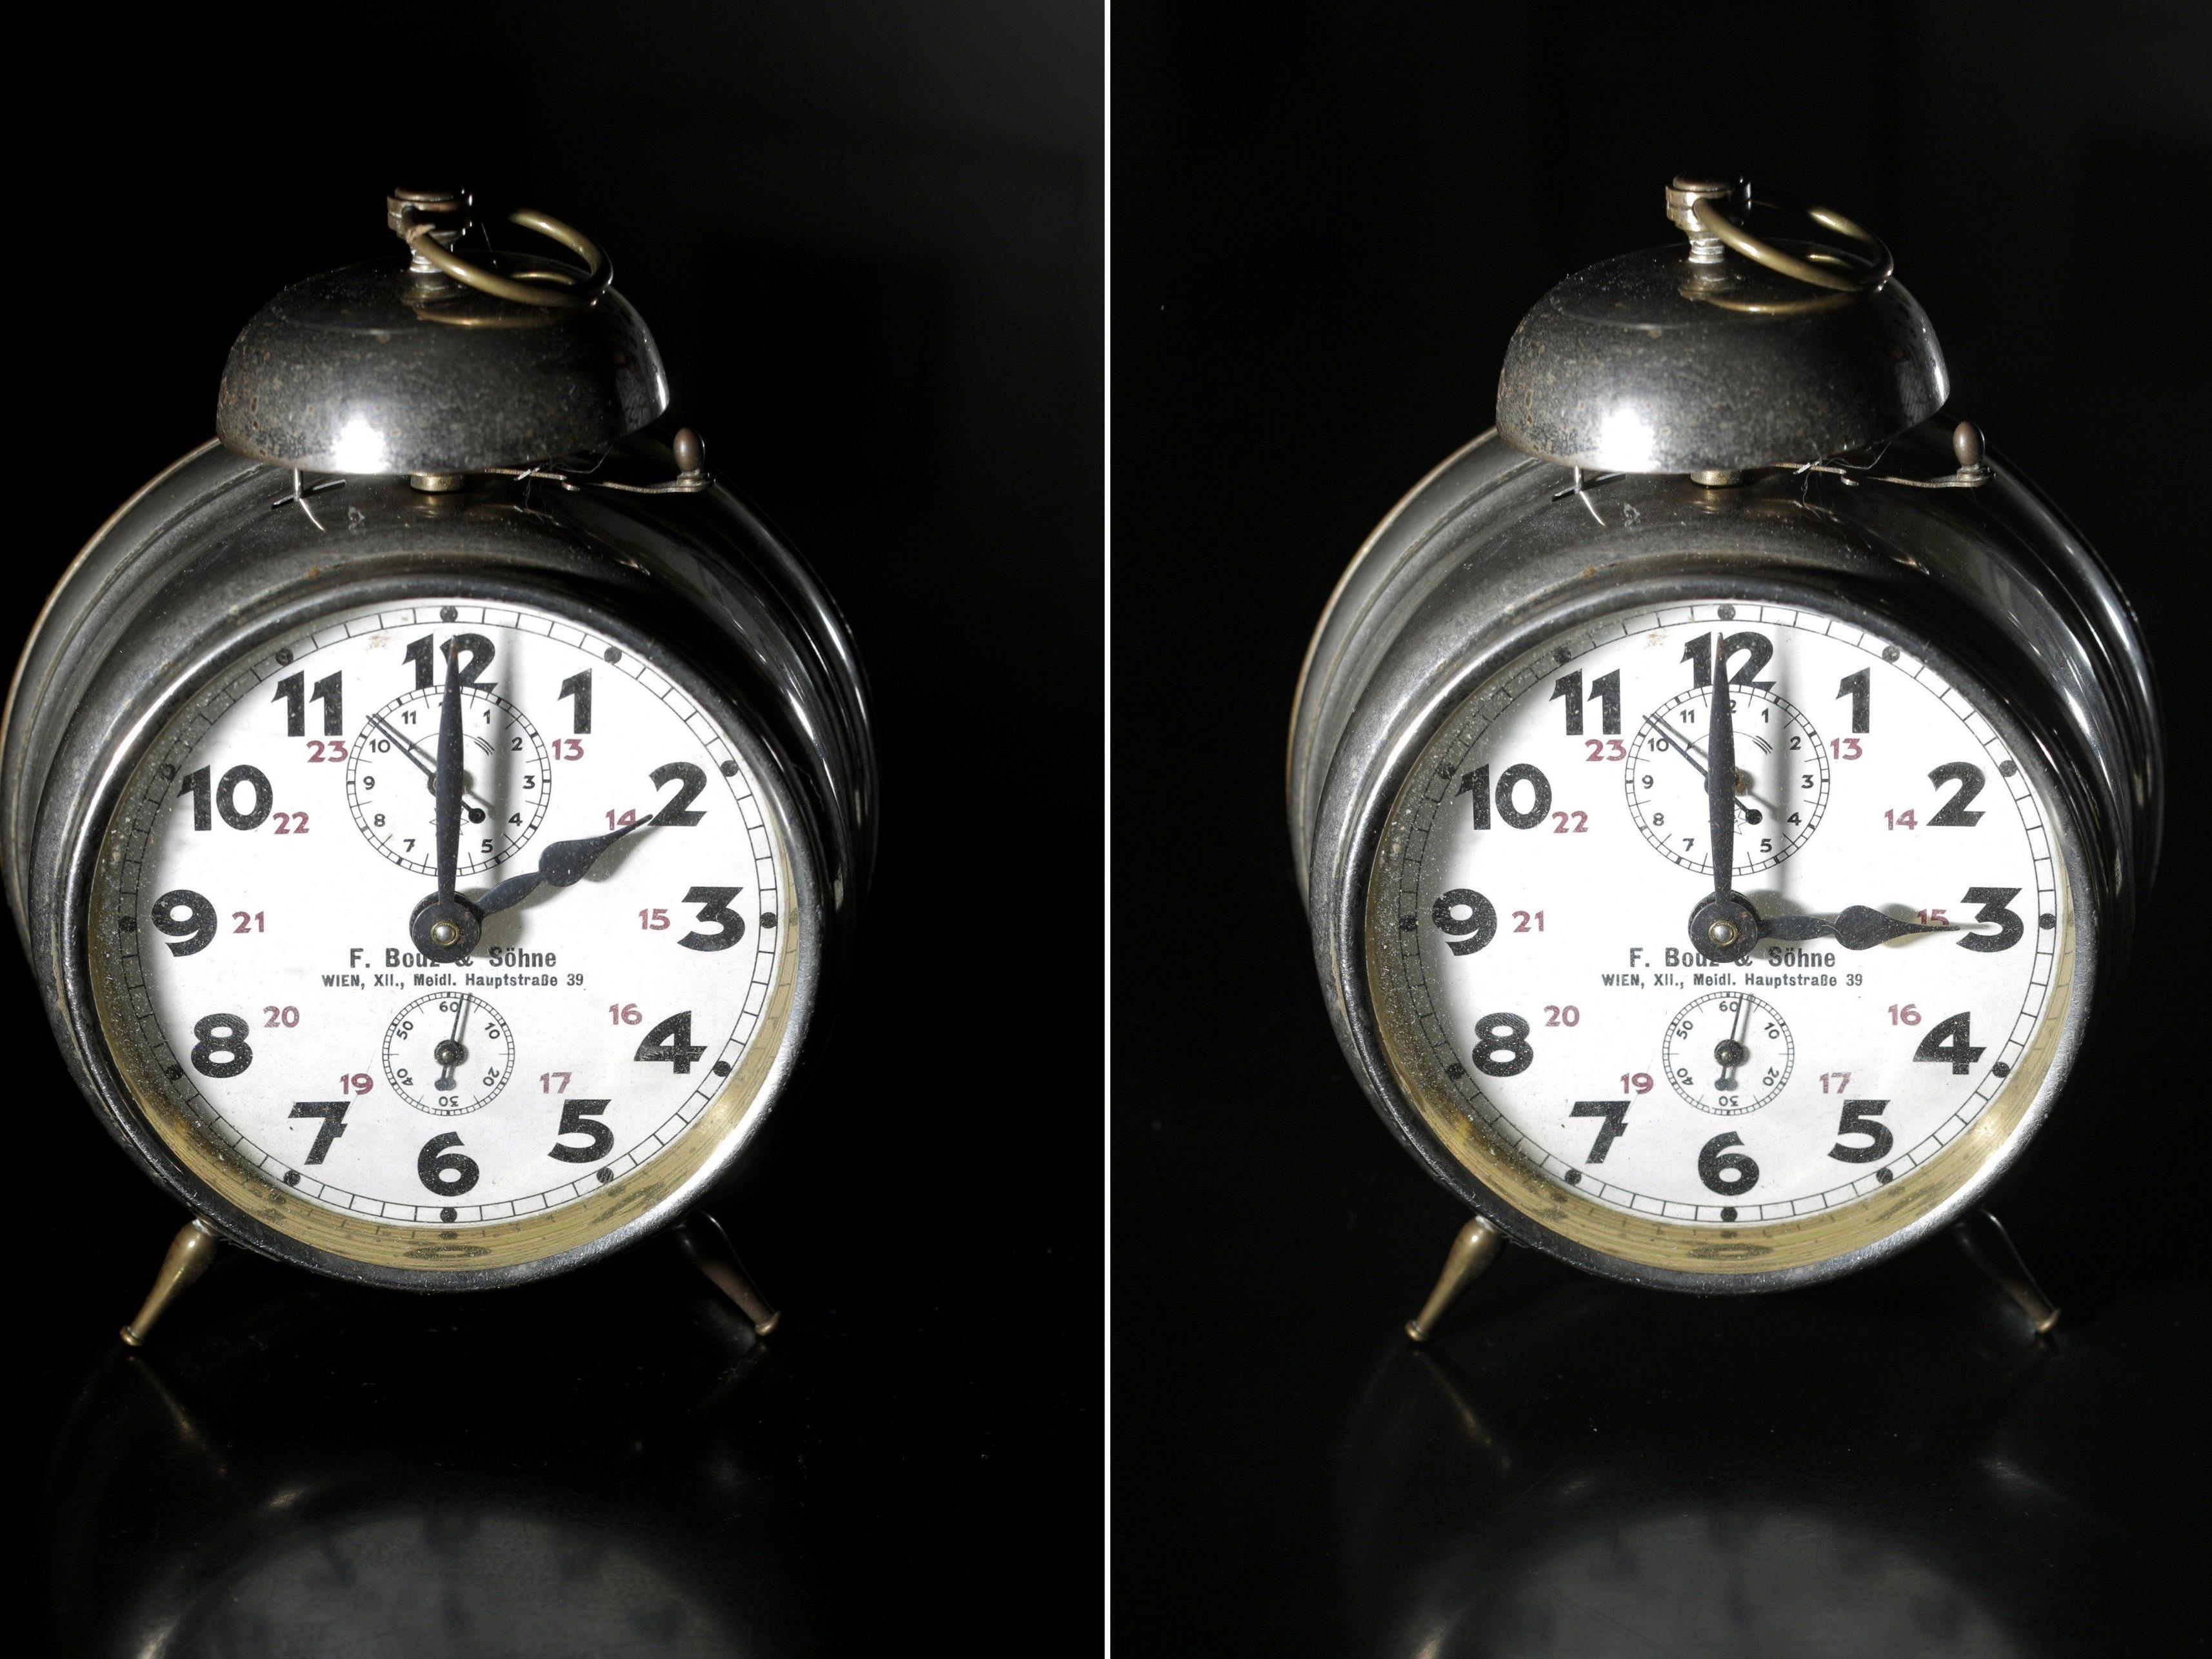 Am kommenden Wochenende werden in ganz Europa die Uhren von zwei auf drei Uhr vorgestellt.